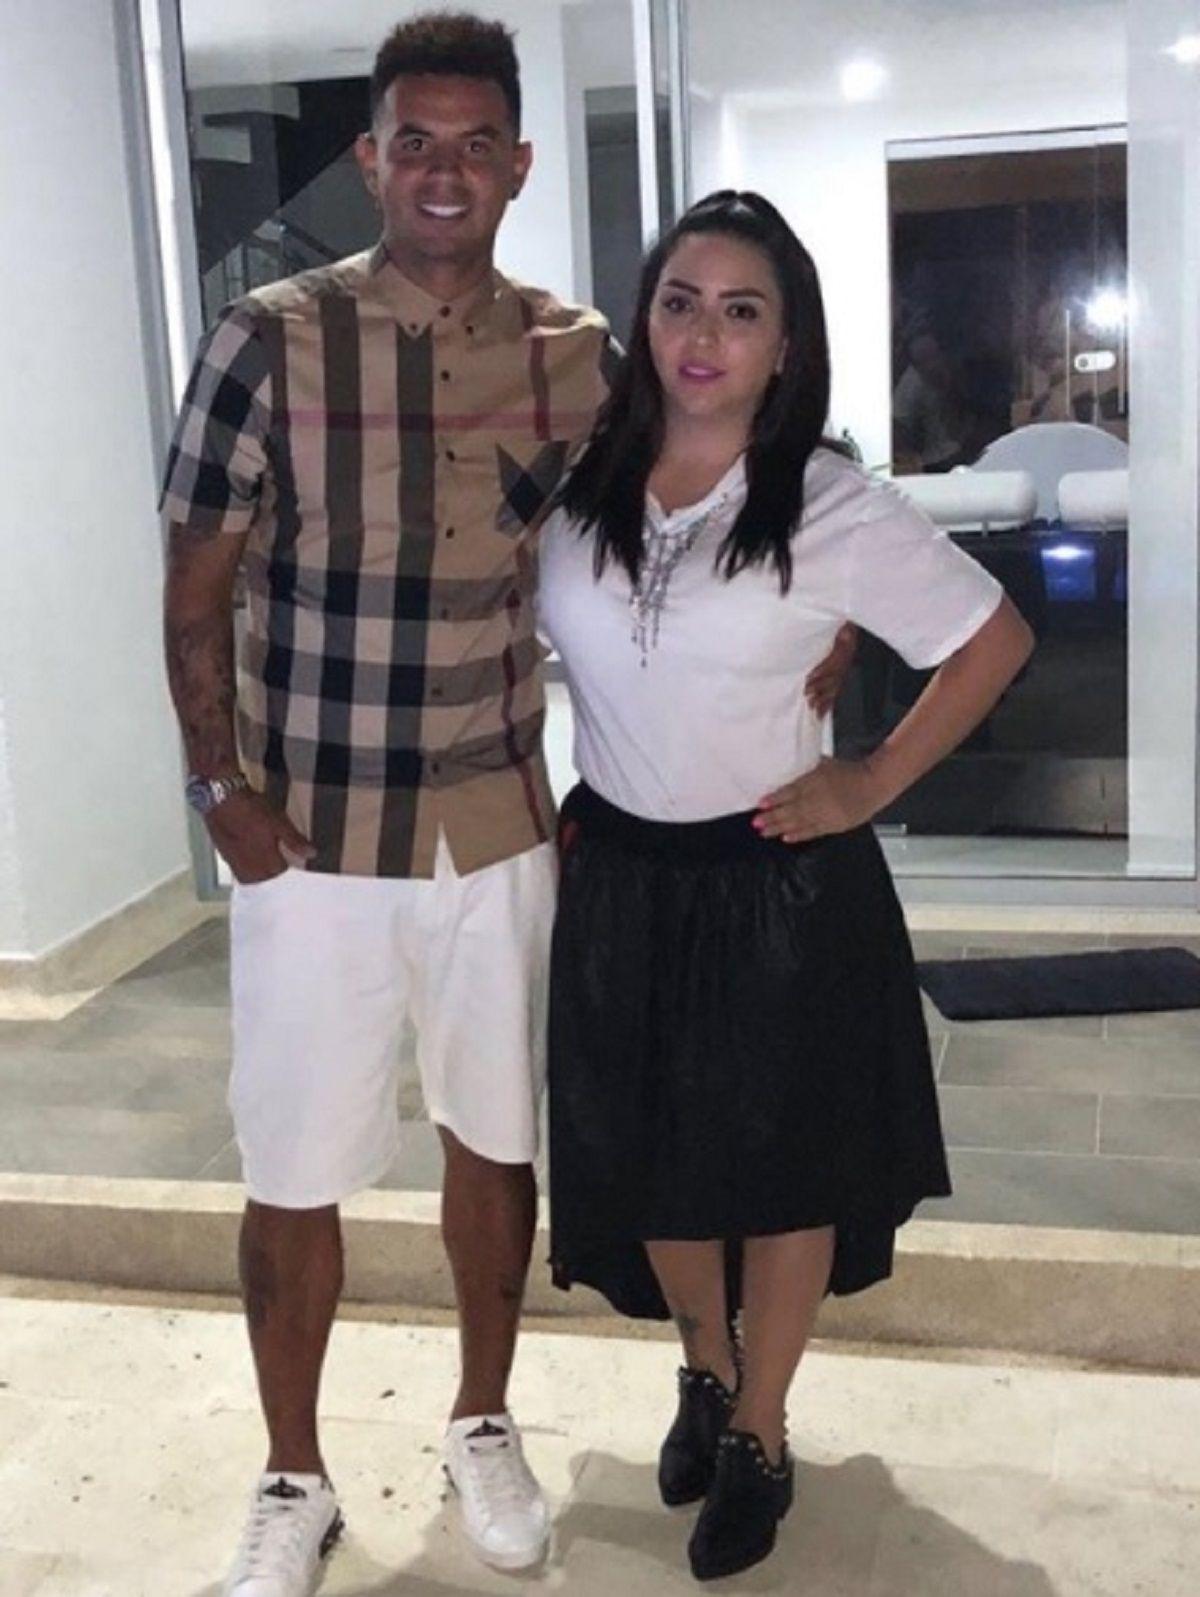 Edwin Cardona y su esposa - Crédito: Instagram e.cardona10